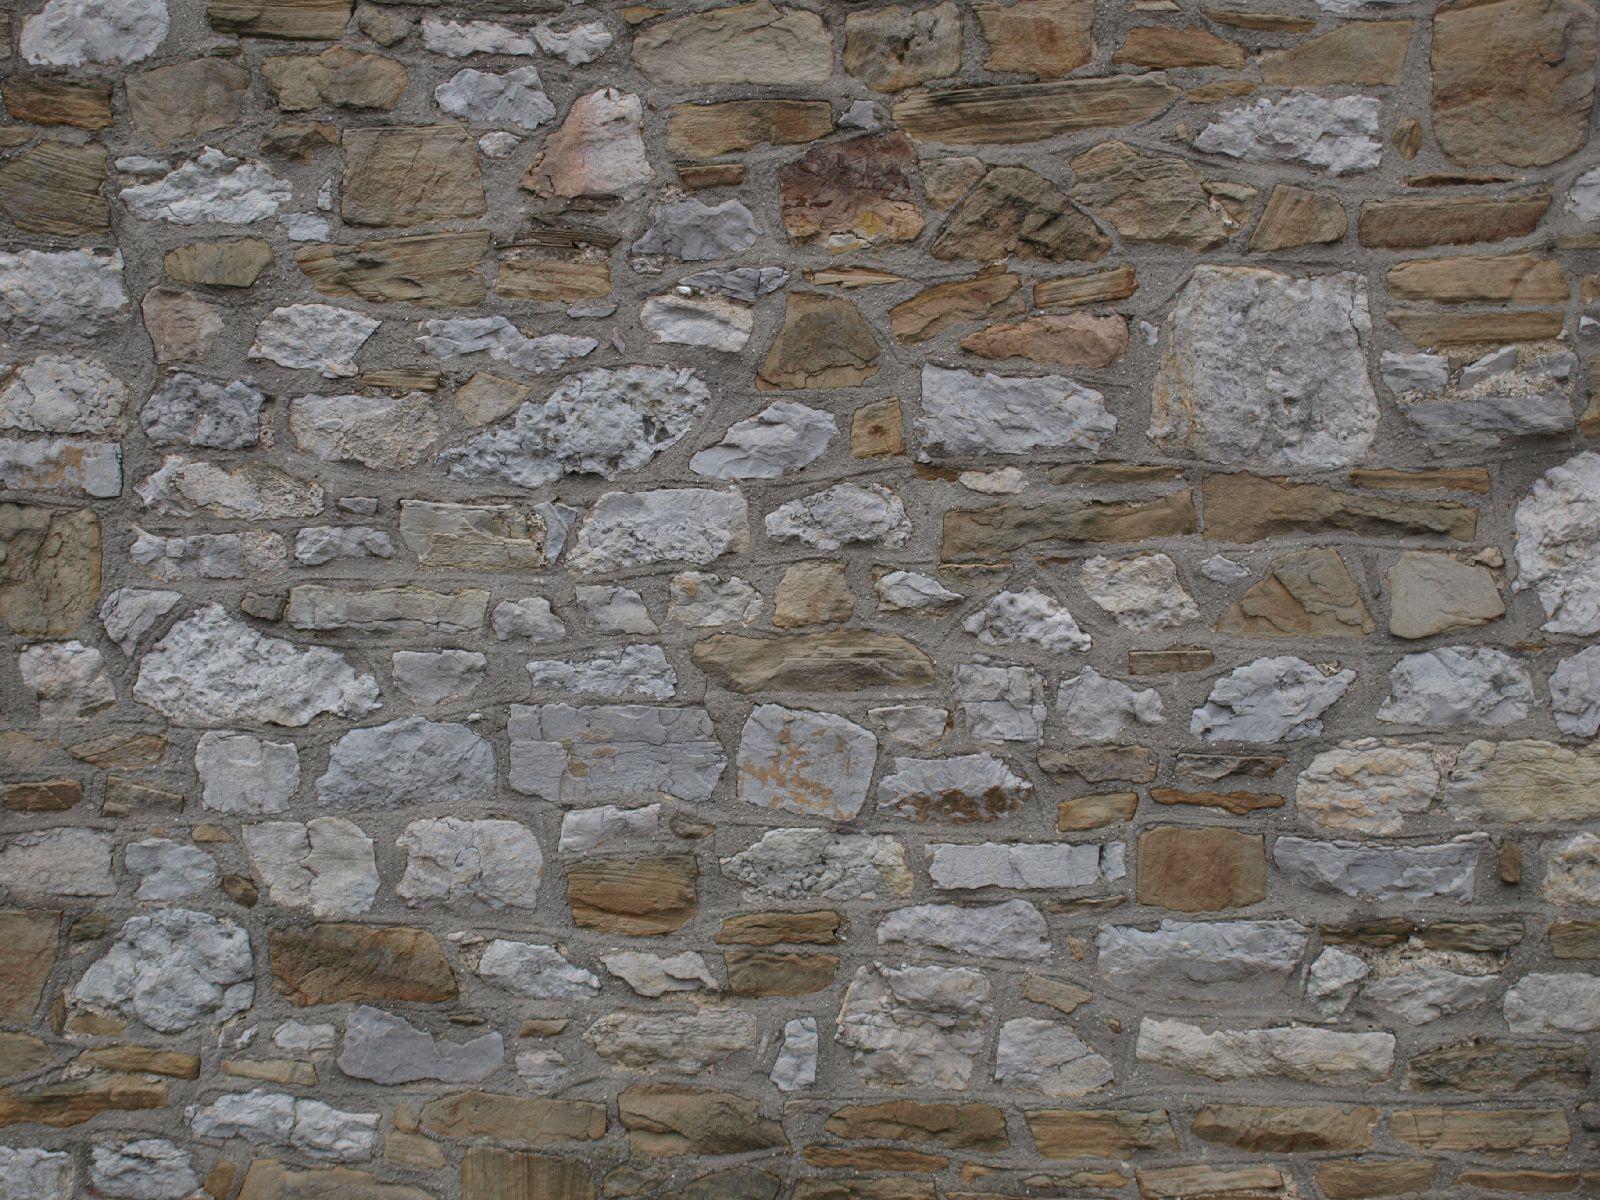 Wand-Bruchstein_Textur_A_P2080532